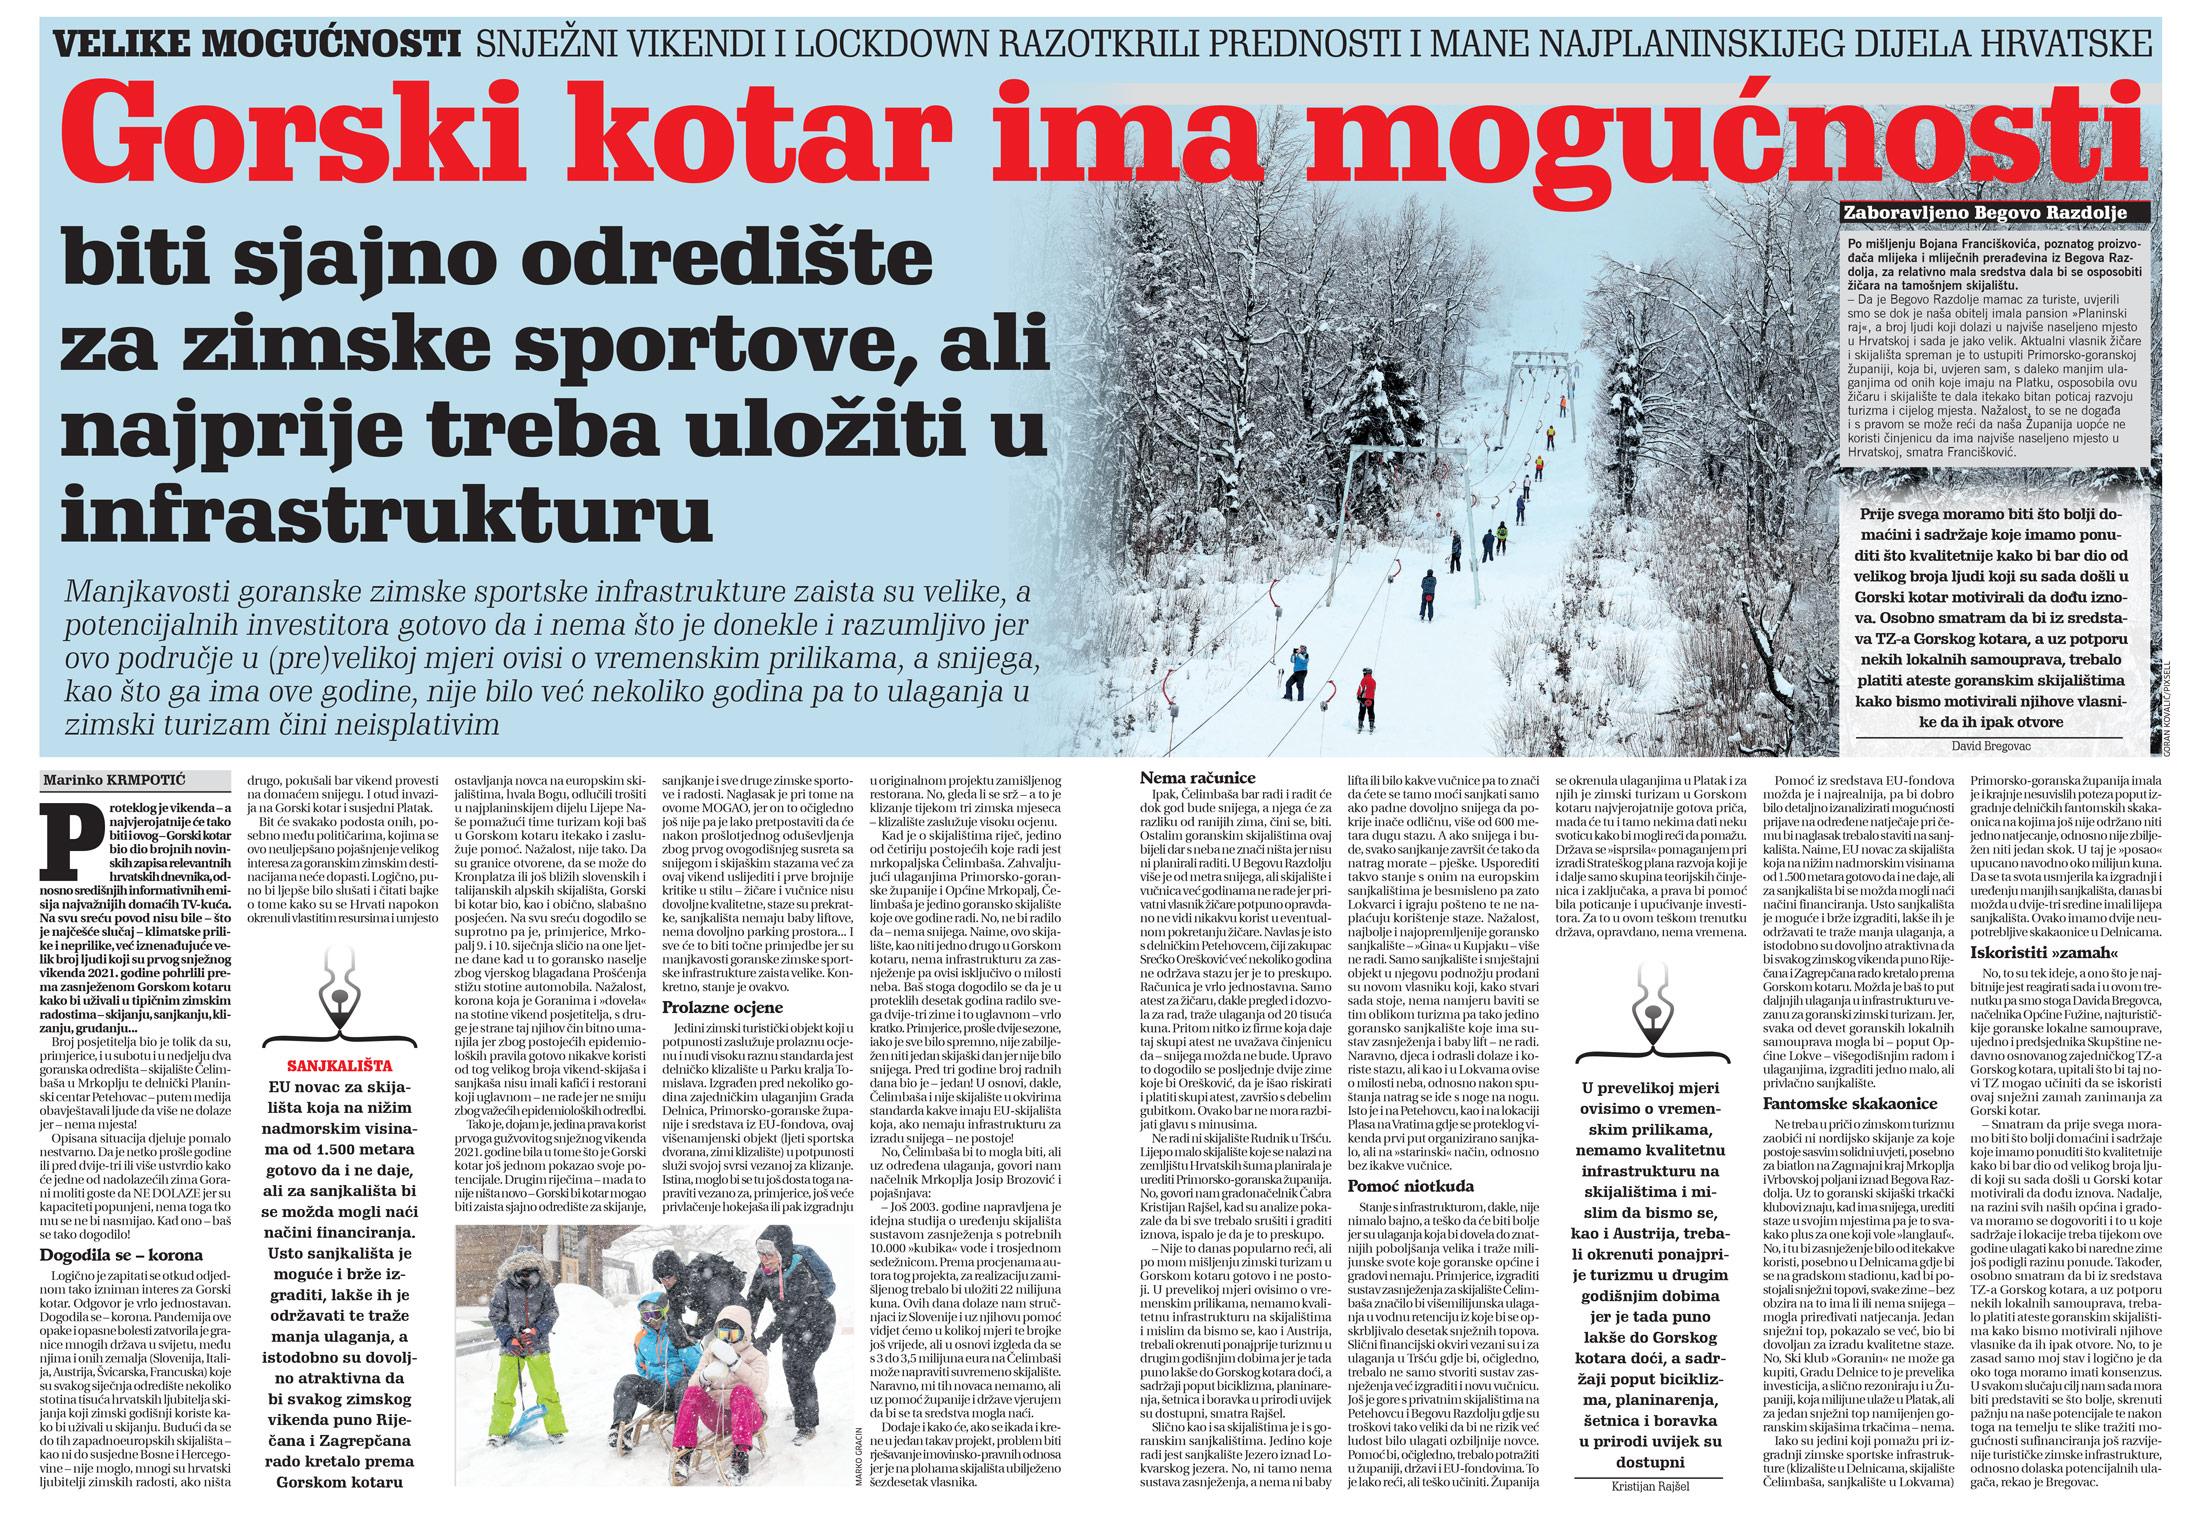 članak, novi list, mogućnosti gorskog kotara